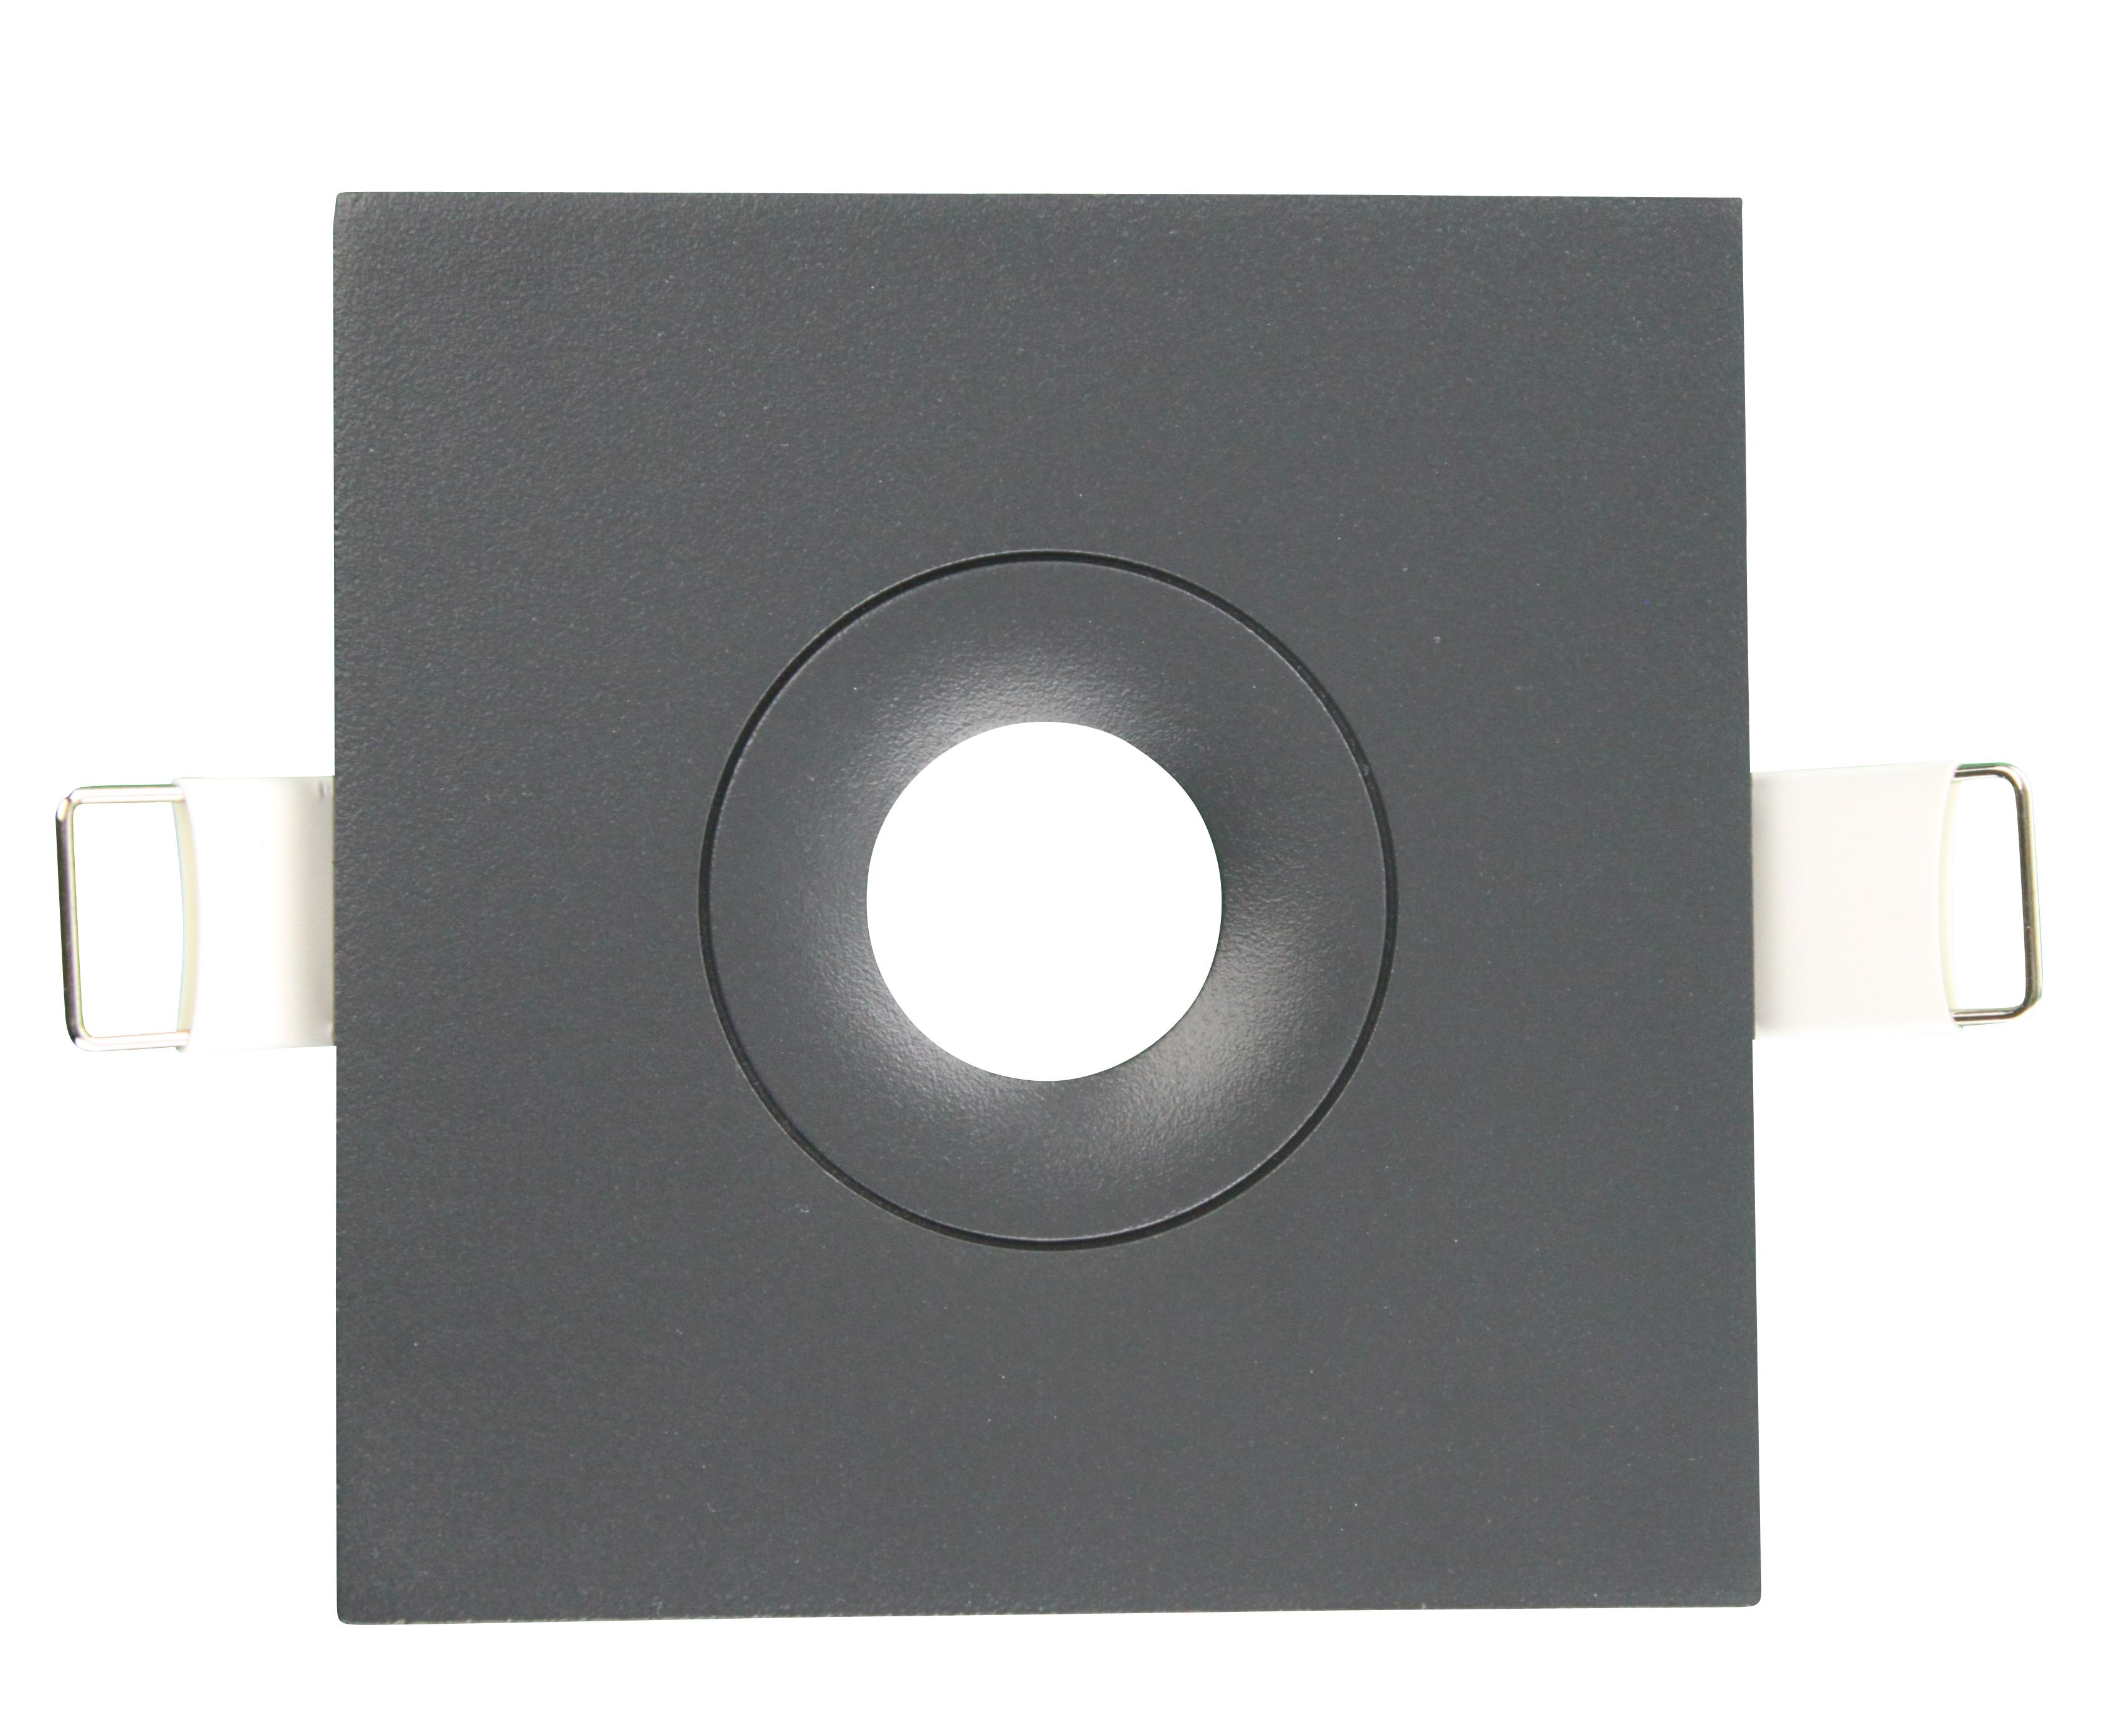 1 Stk Abdeckung für Notleuchten Design EE anthrazit quadratisch NLEEQAZ---